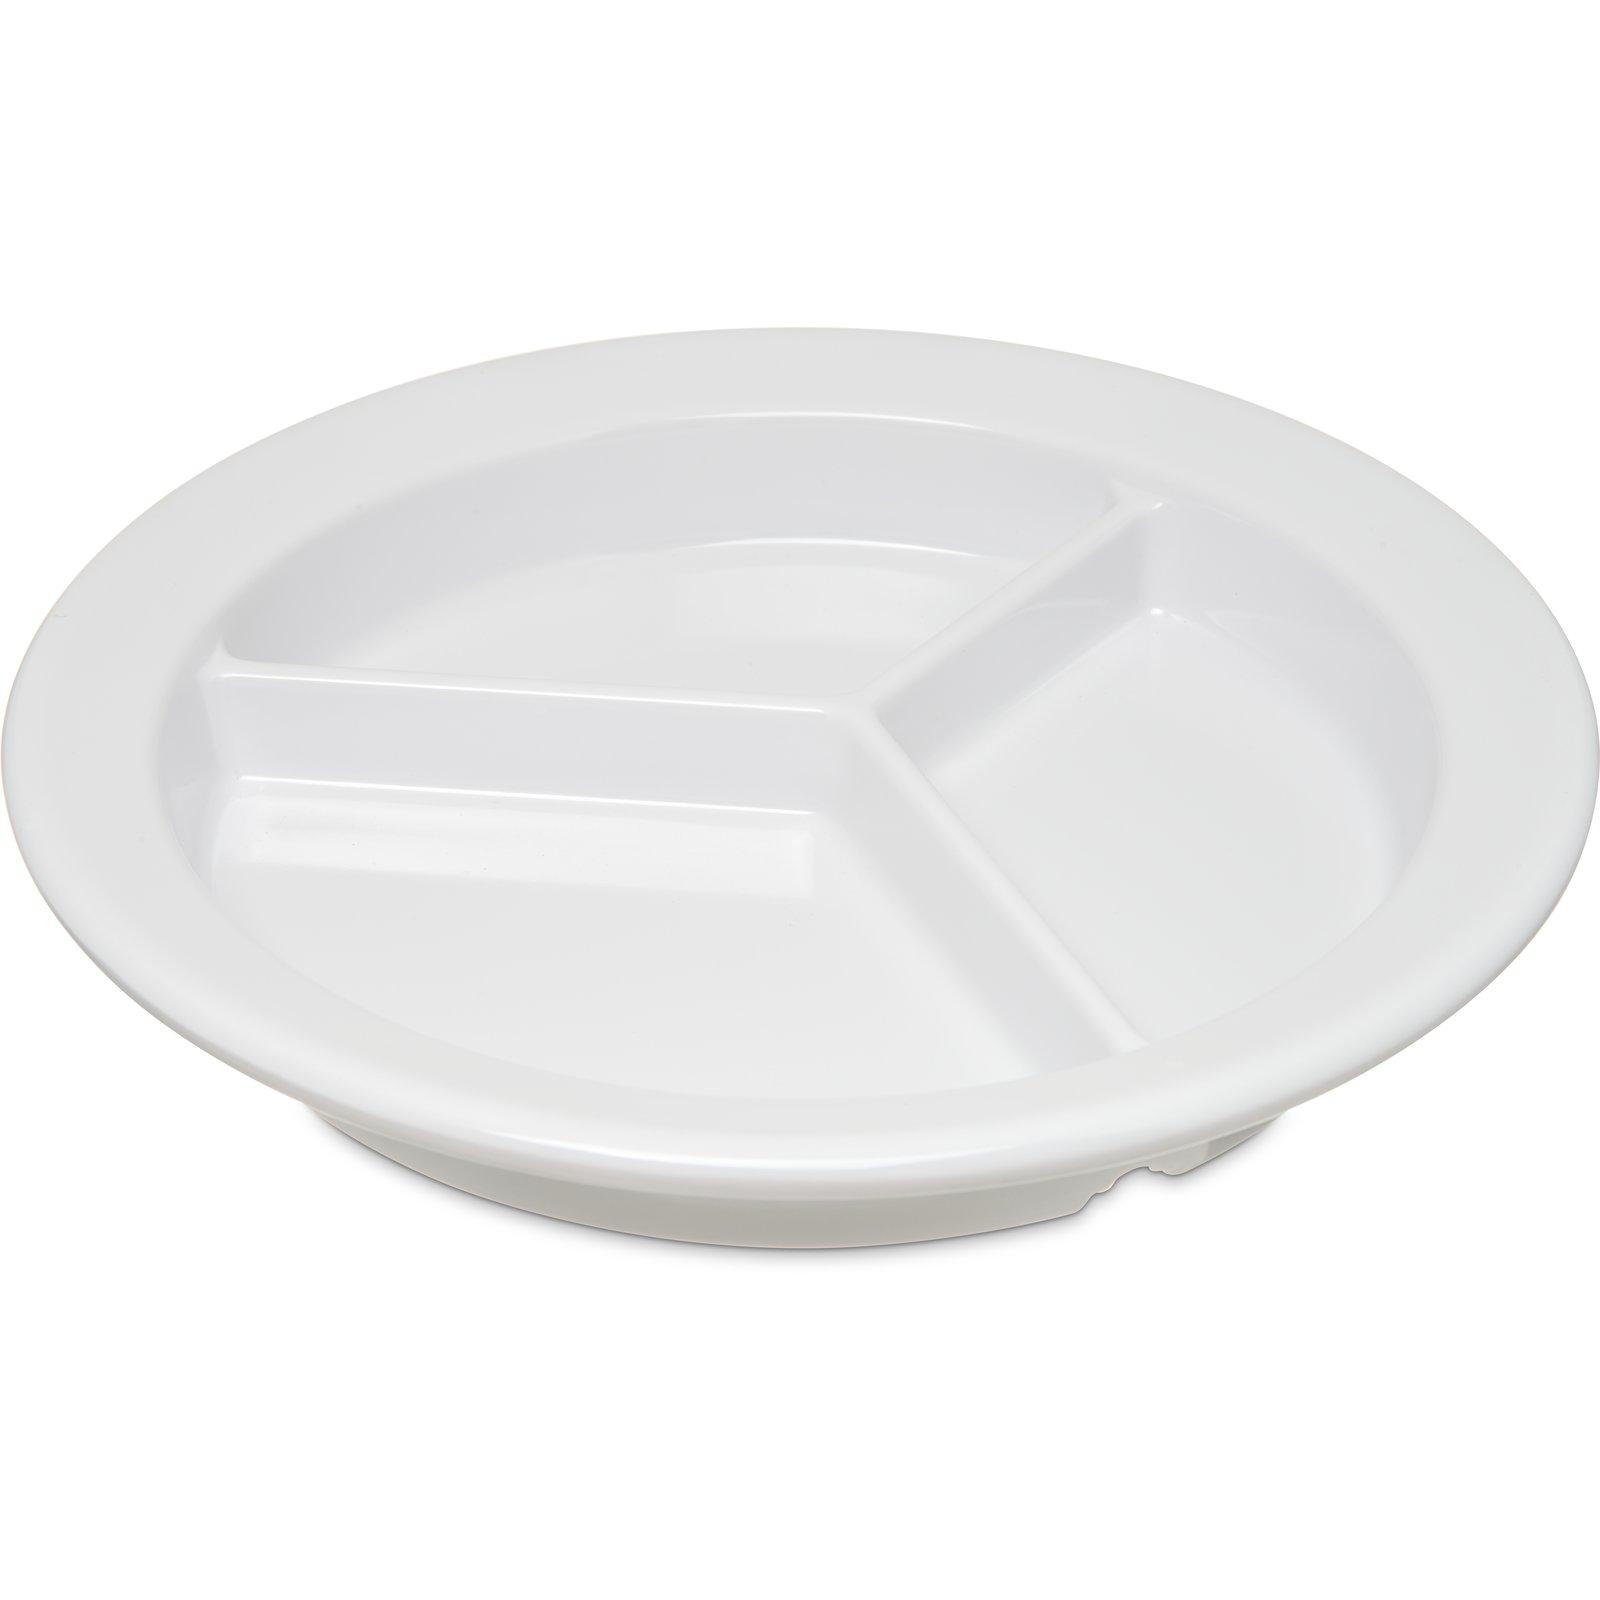 4351602 - Dallas Ware® Melamine 3-Compartment Deep Plate 9\